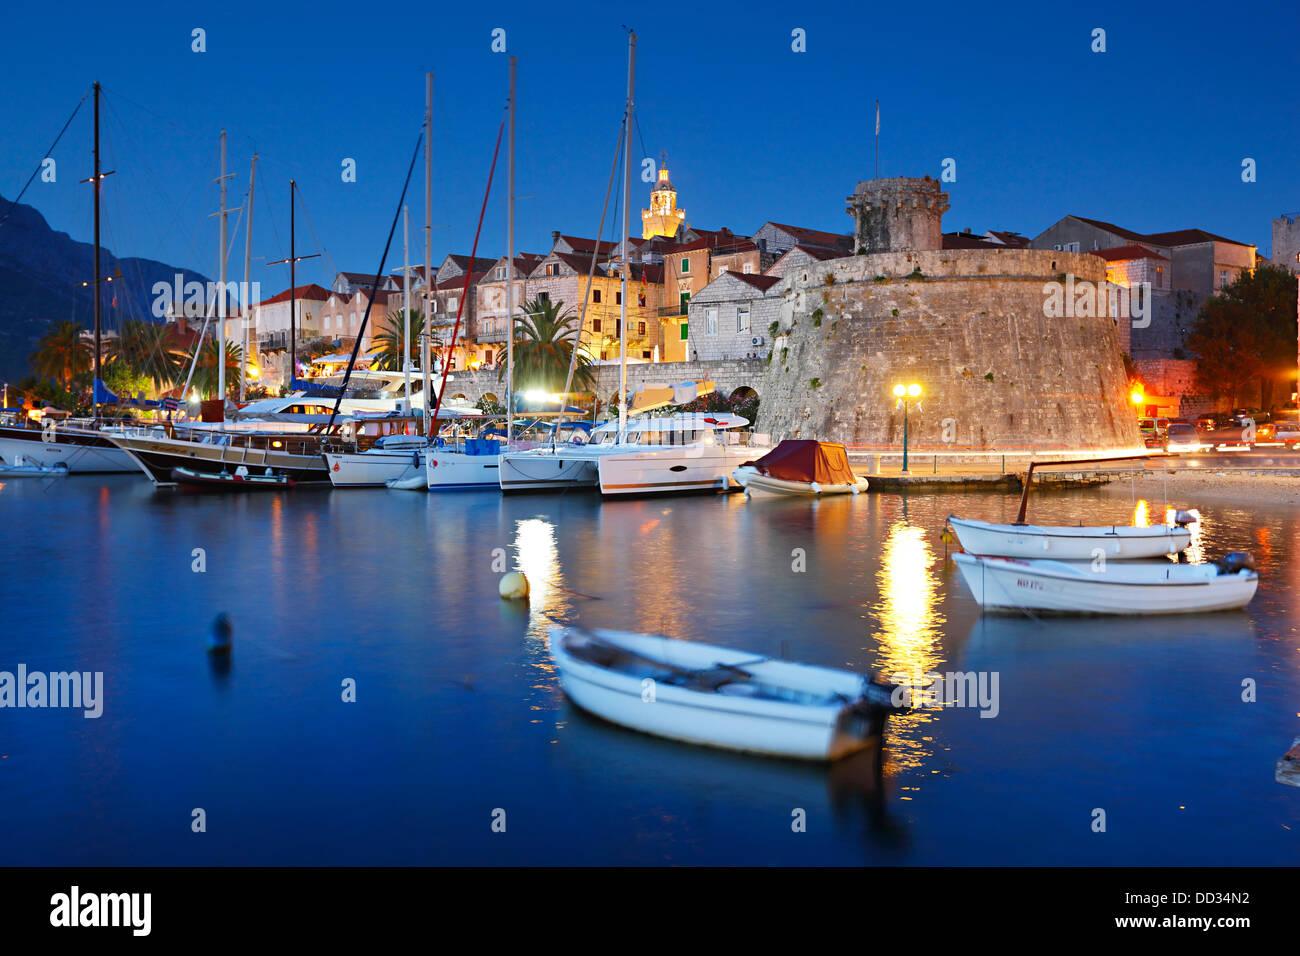 La città di Korcula, Croazia Immagini Stock